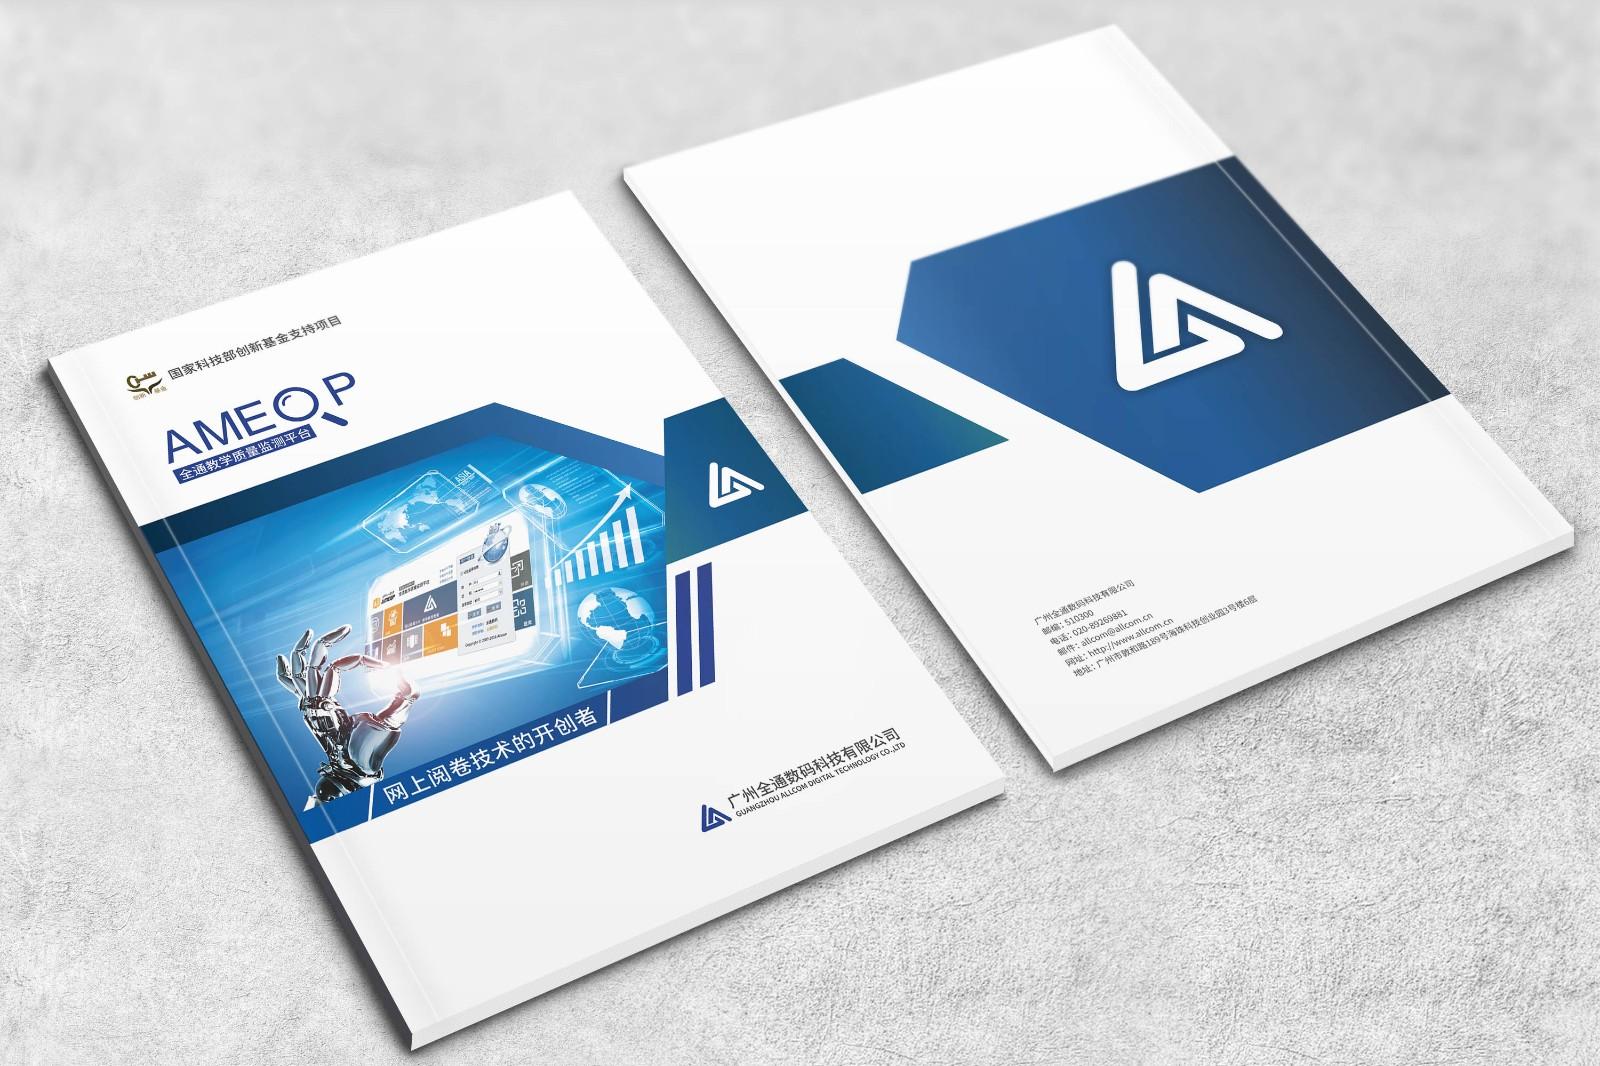 广州教育画册案例欣赏,教育IT产品画册设计版式,教育培训产品画册设计样式